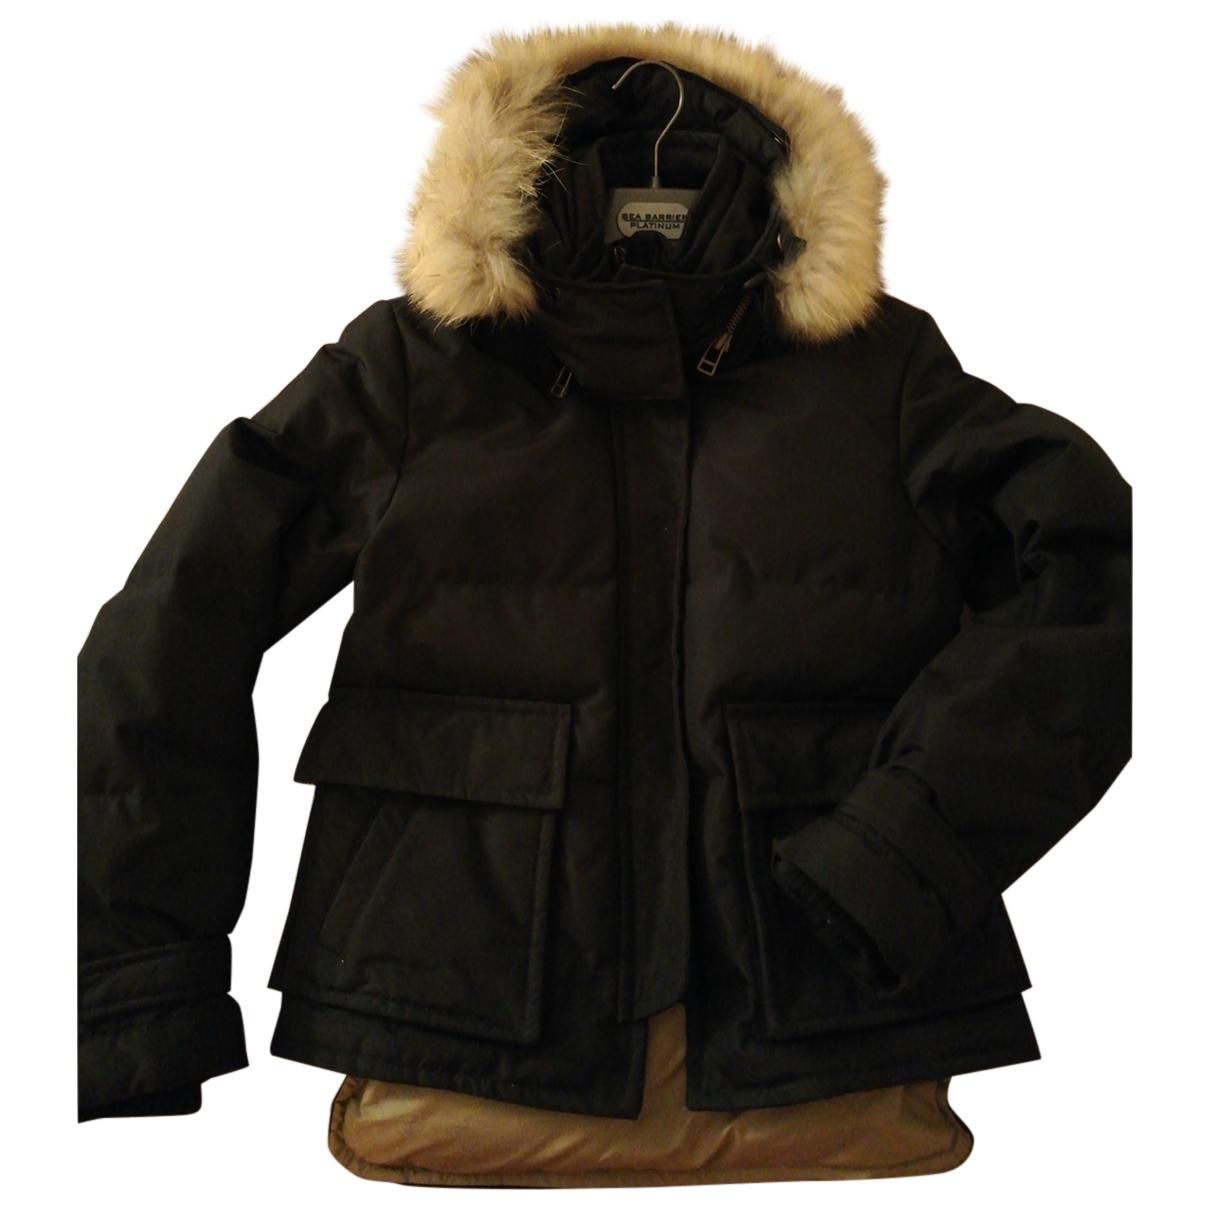 La Perla \N Black coat for Women 42 IT